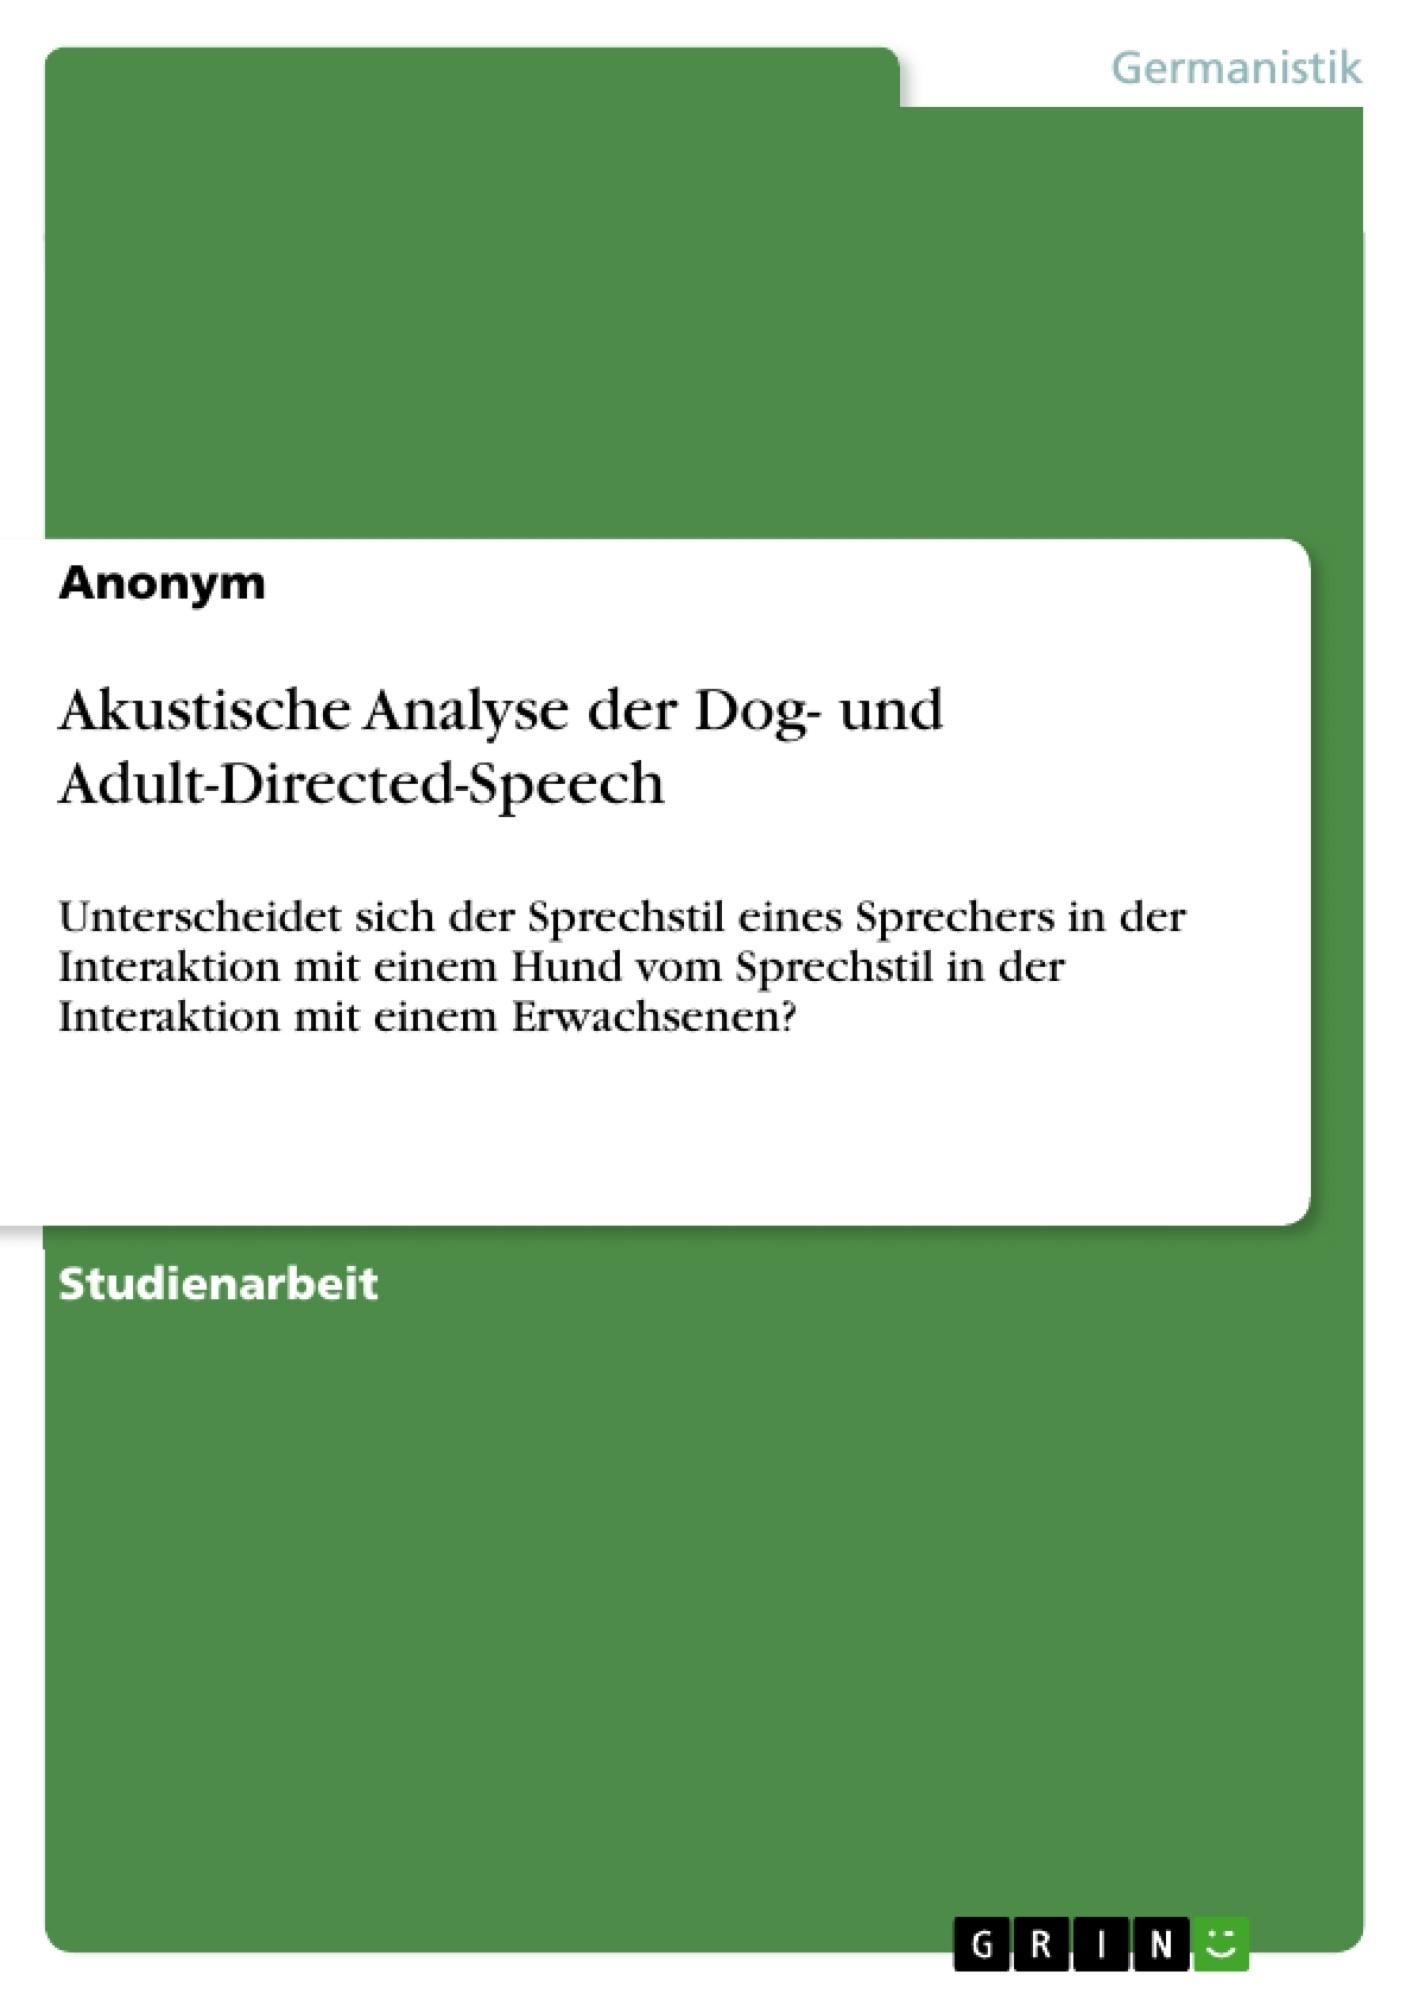 Titel: Akustische Analyse der Dog- und Adult-Directed-Speech